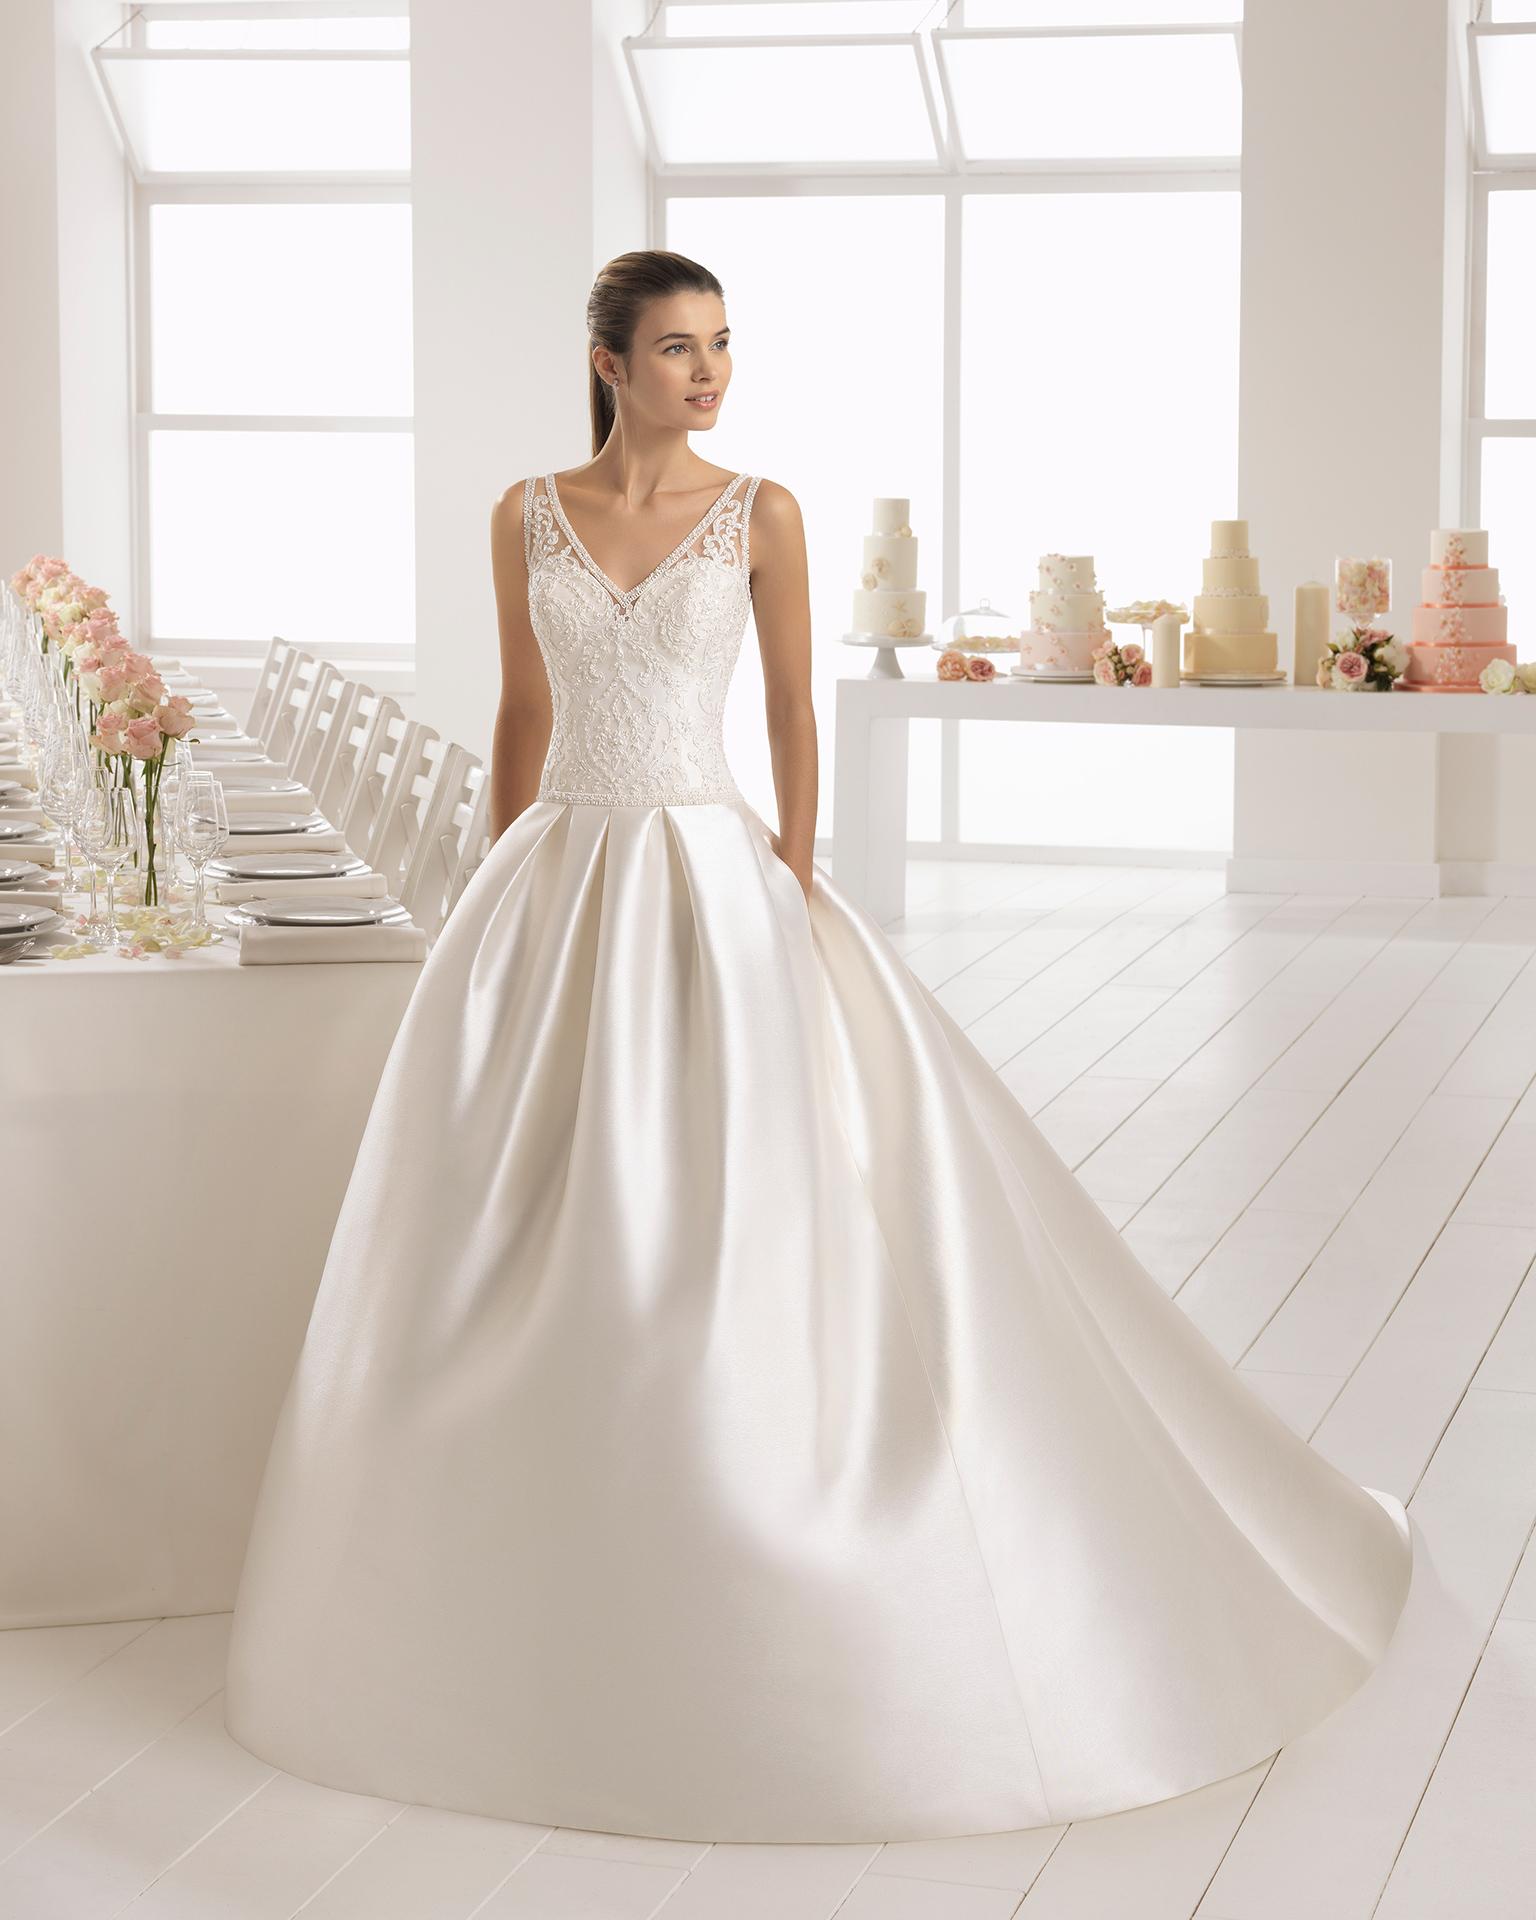 Klassisches Brautkleid aus Mikado-Seide und Spitze mit Strassbesatz, V-Ausschnitt und tiefem Rückenausschnitt.